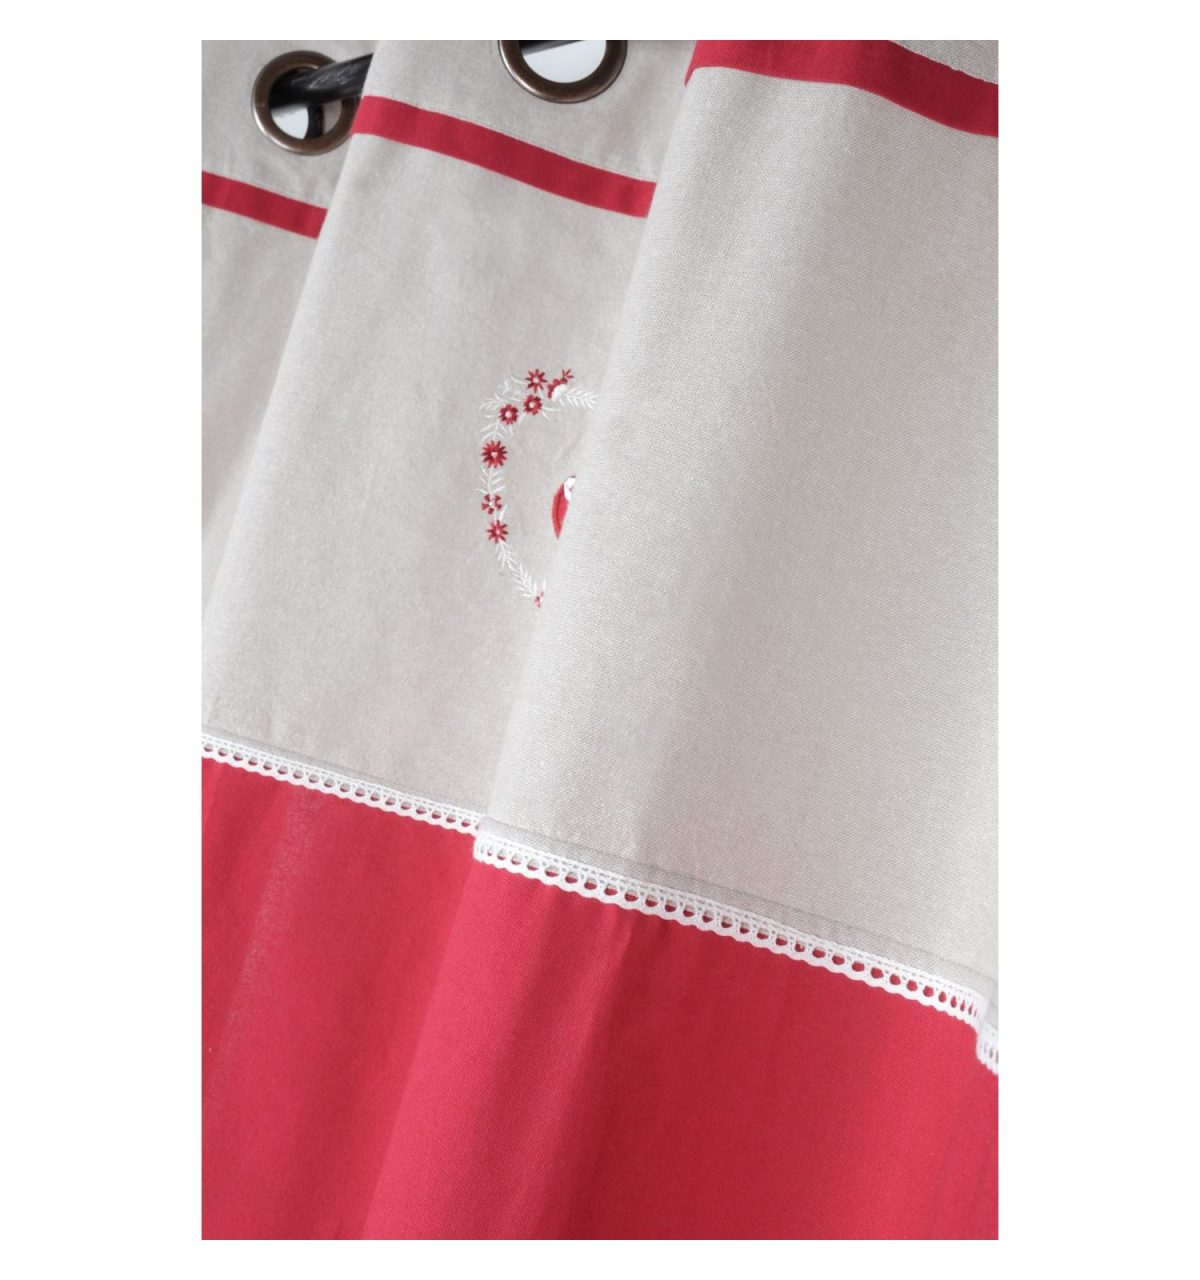 draperie rustica bumbac rosie Pauline